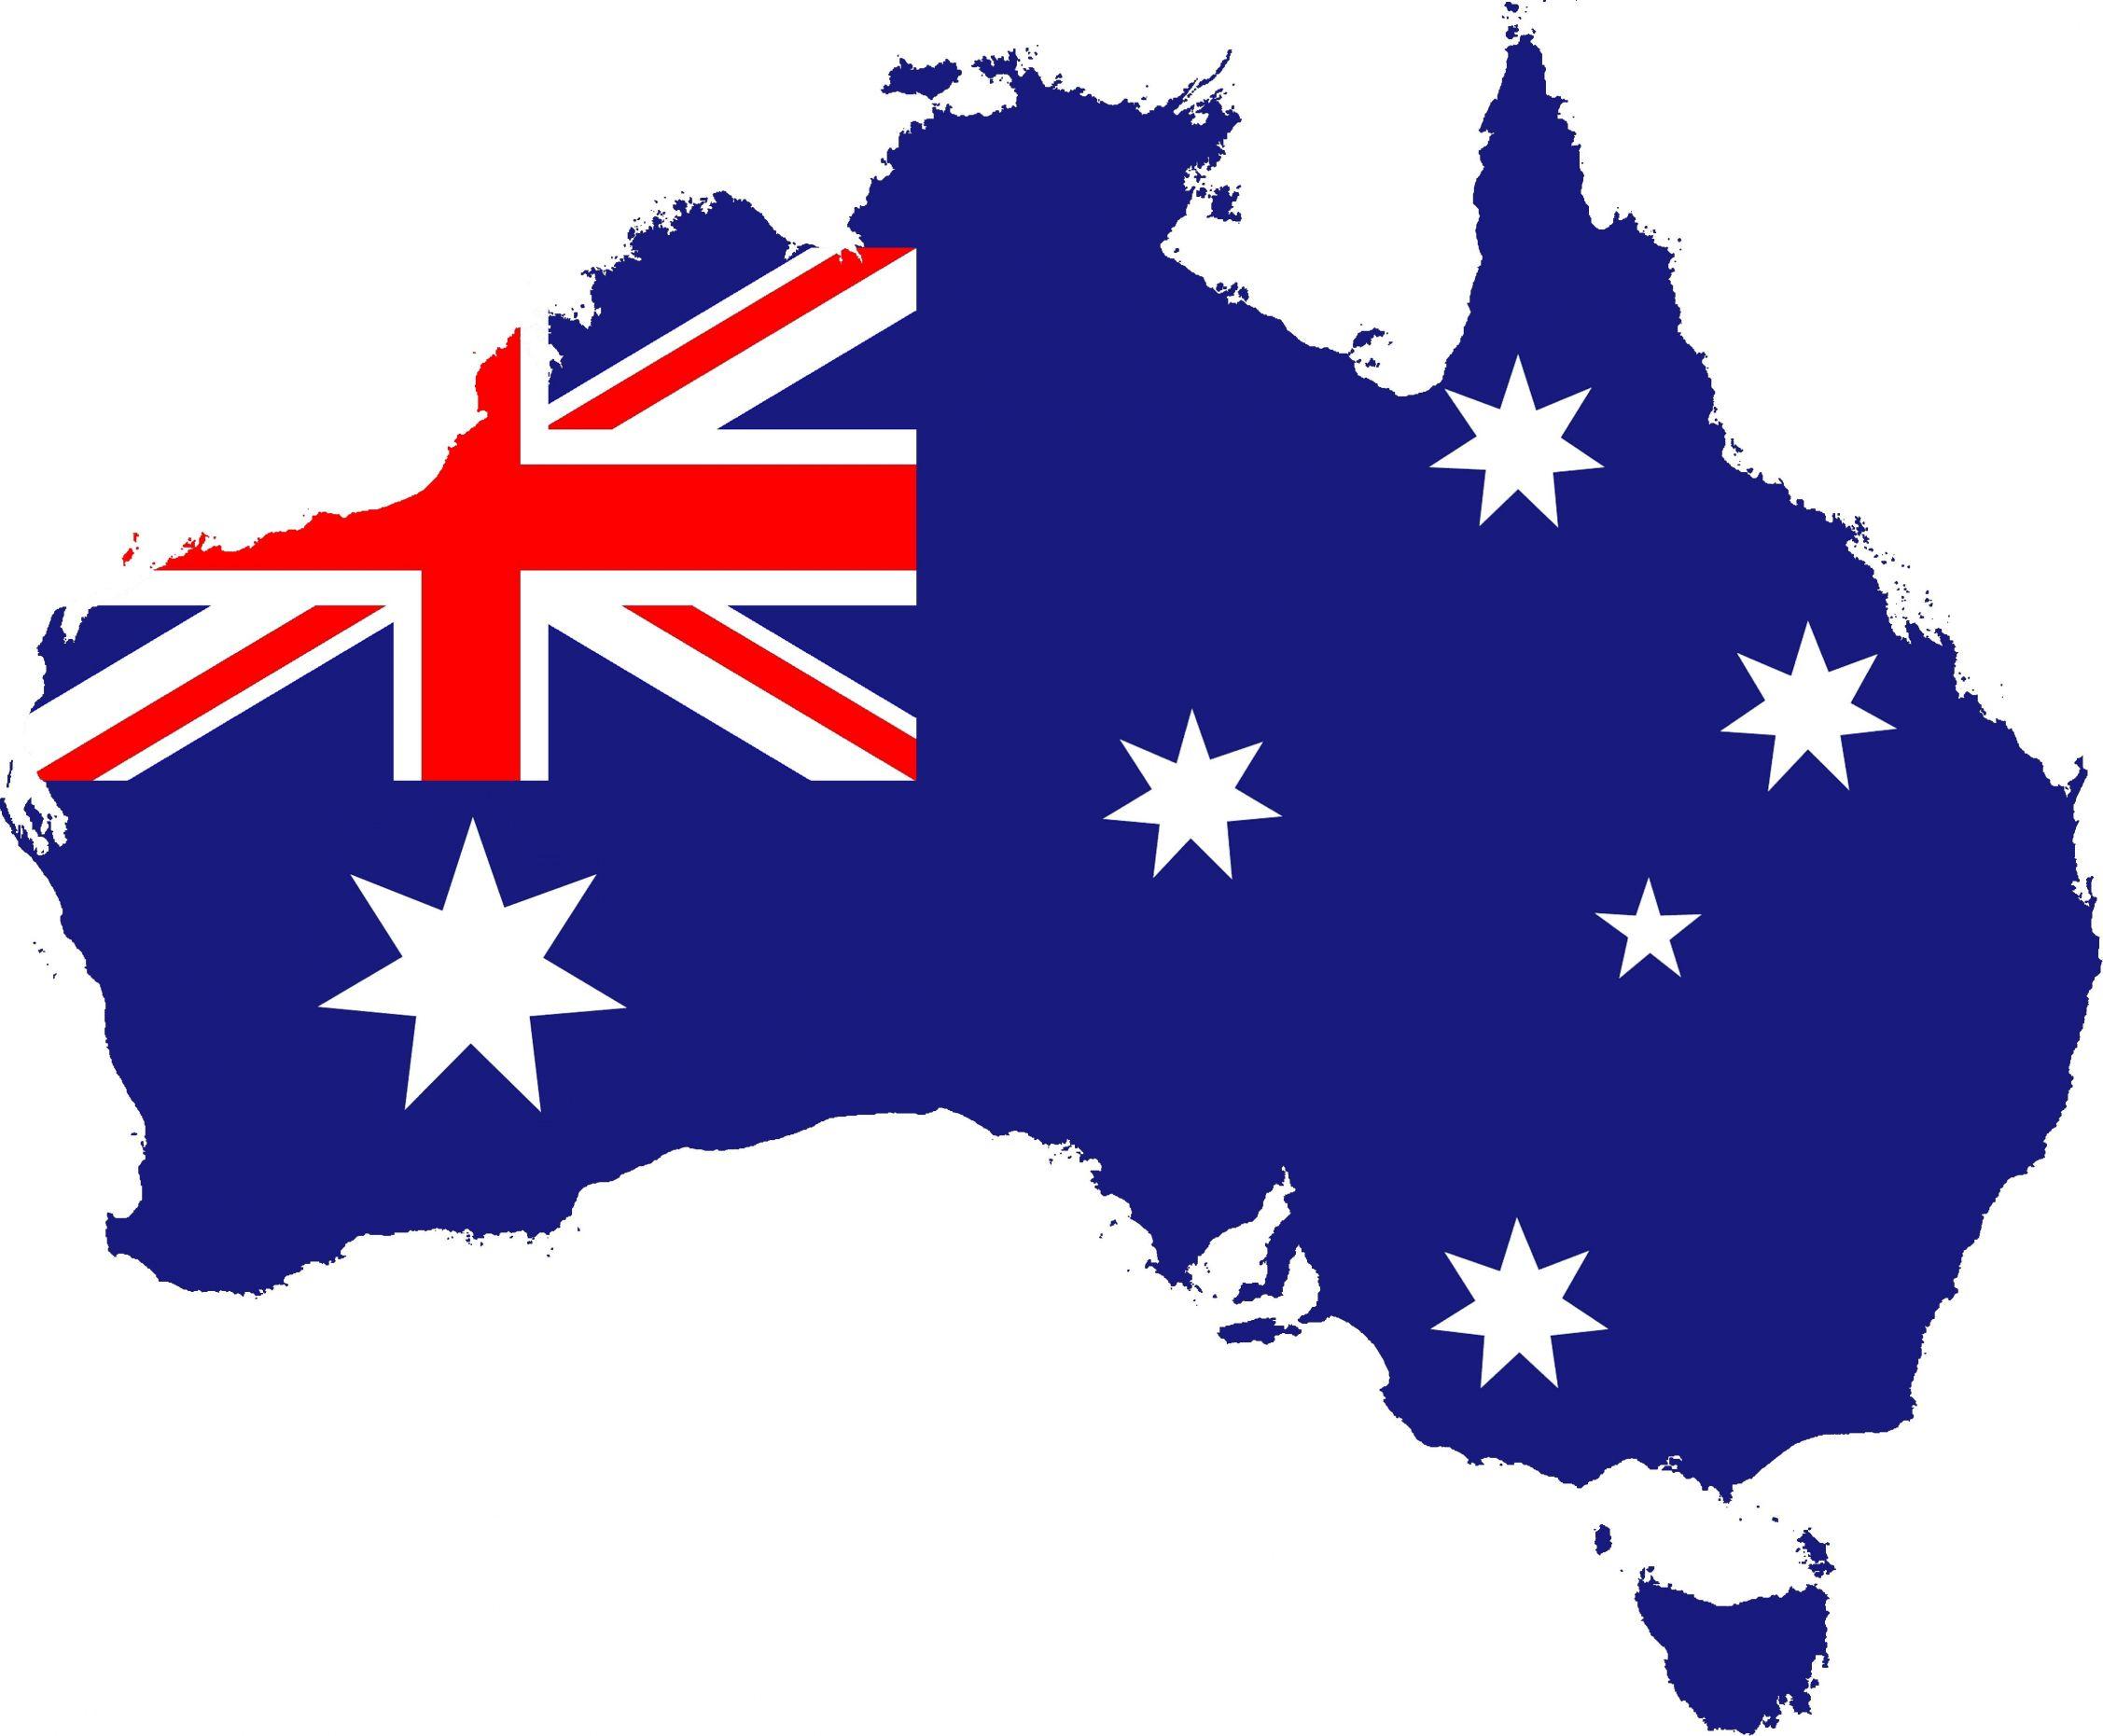 australianflag map